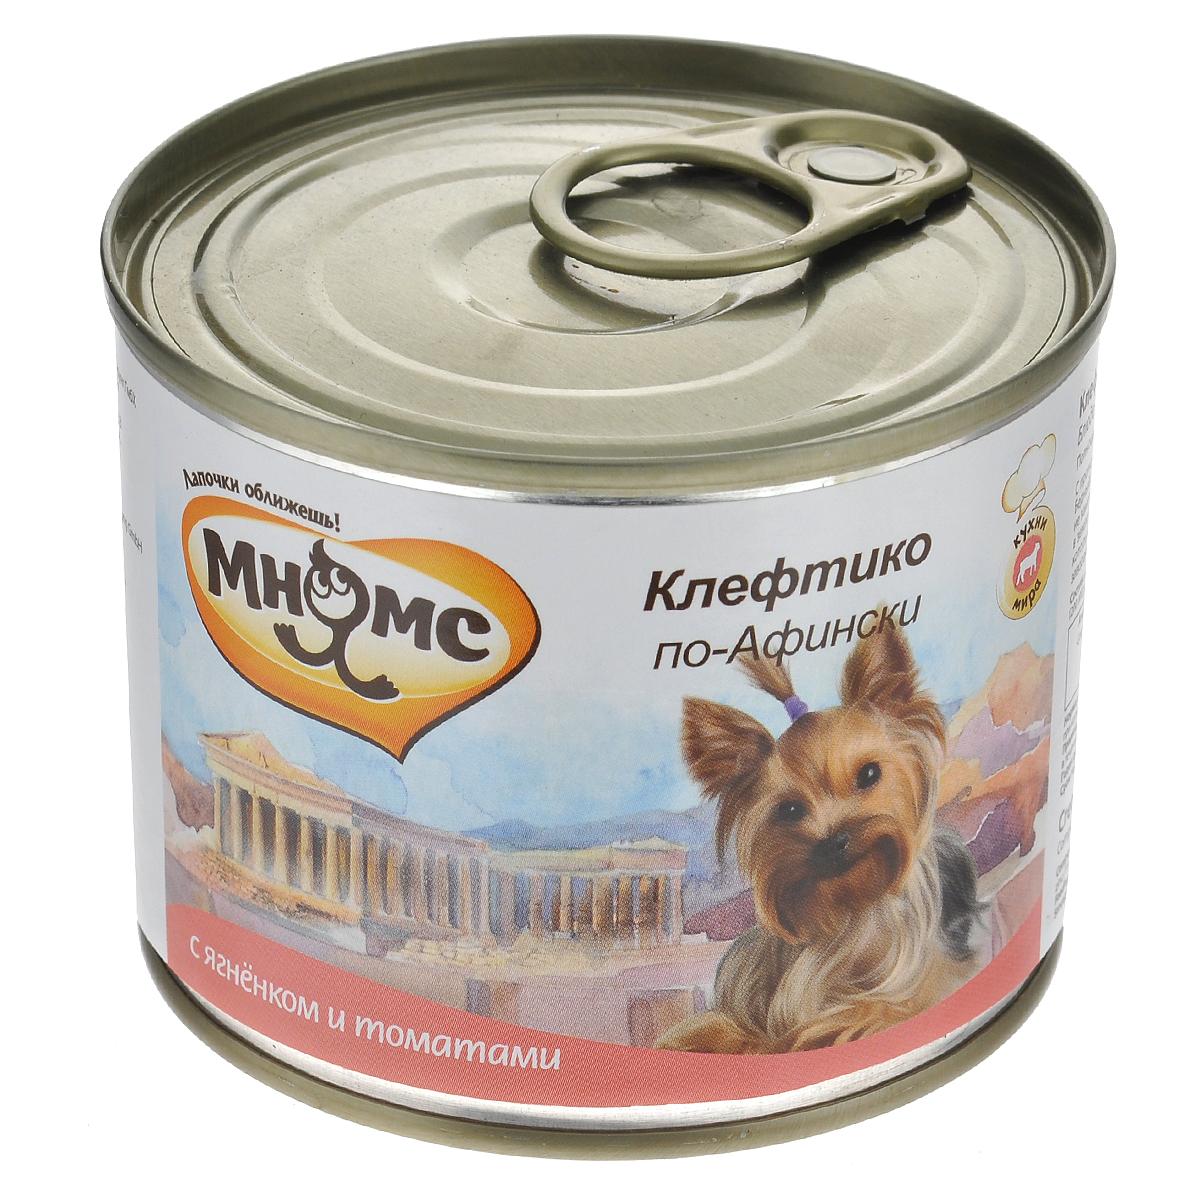 Консервы для собак Мнямс Клефтико по-Афински, с ягненком в томате, 200 г57651Полнорационные корма Мнямс, производимые в Германии, содержат все необходимое для здоровой и счастливой жизни вашего питомца. Входящие в состав ингредиенты абсолютно натуральны, сбалансированы и при этом обладают высокой вкусовой привлекательностью. С происхождением этого блюда связана красивая легенда о тех временах, когда Греция страдала под турецким игом. Бедный люд питался тем, что мог добыть любым путём, отсюда и название блюда - украденное мясо. Чтобы пропажу не заметили, тушу ягненка или барана быстро резали на куски, солили, заворачивали в шкуру и прятали в выкопанную в земле яму. Сверху разводили костёр, и таким образом пекли до готовности. Секрет современного Клефтико в соусе, который готовят из томатов с добавлением мёда, вина, и пряностей. Соусом обмазывают мясо перед приготовлением, затем заворачивают в толстый слой фольги и запекают в духовке. Получается сочное, душистое и удивительно нежное на вкус блюдо. При кормлении необходимо учитывать возраст...